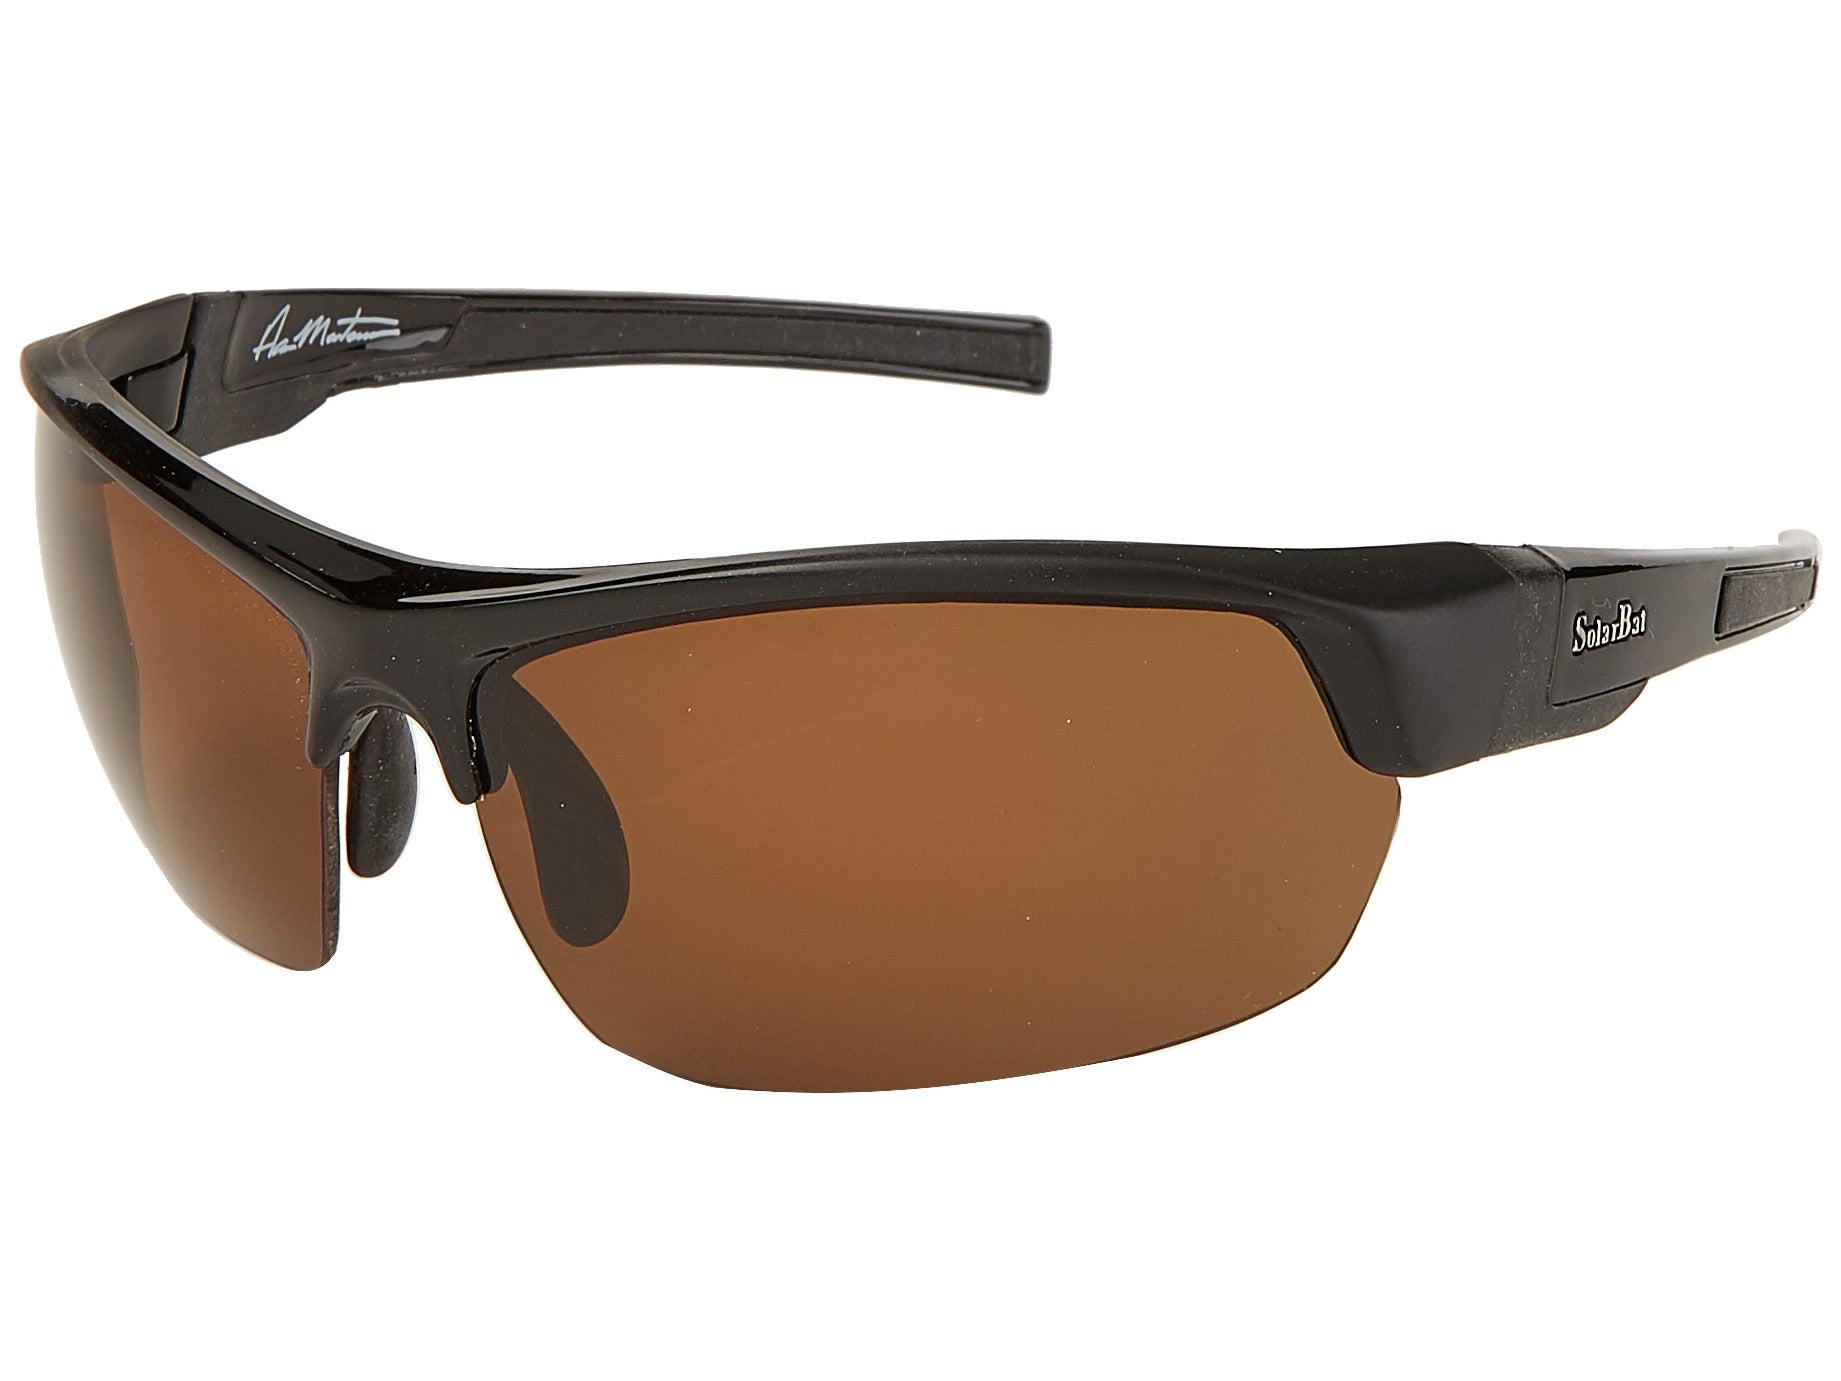 4b9b897ec24 Solar Bat Aaron Martens The Natural Sunglasses